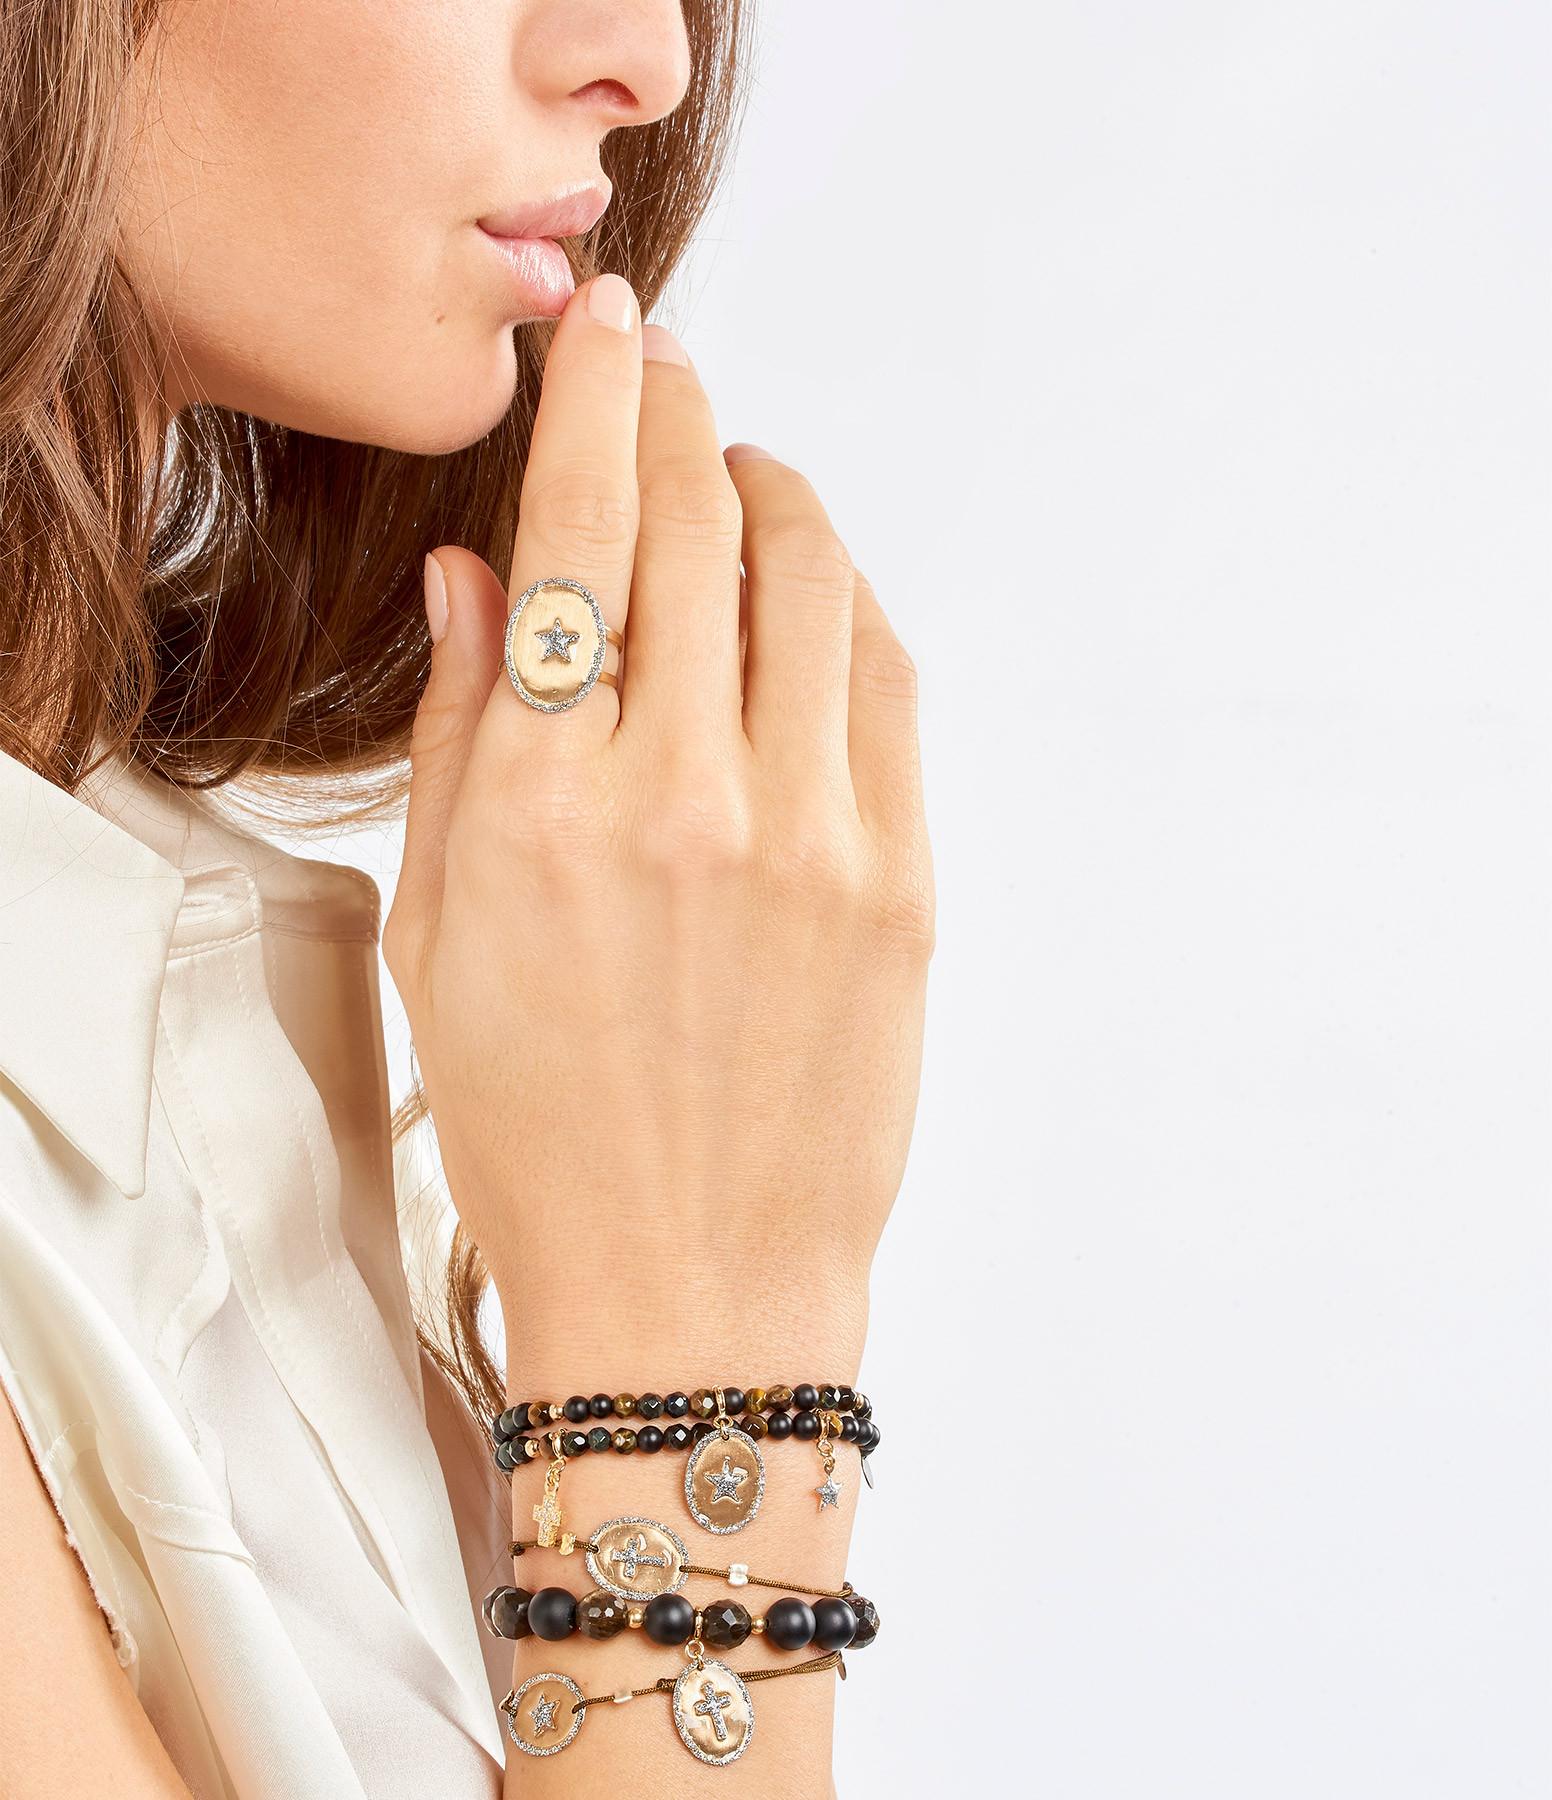 LSONGE - Bracelet 4 Double Perles Mika Onyx